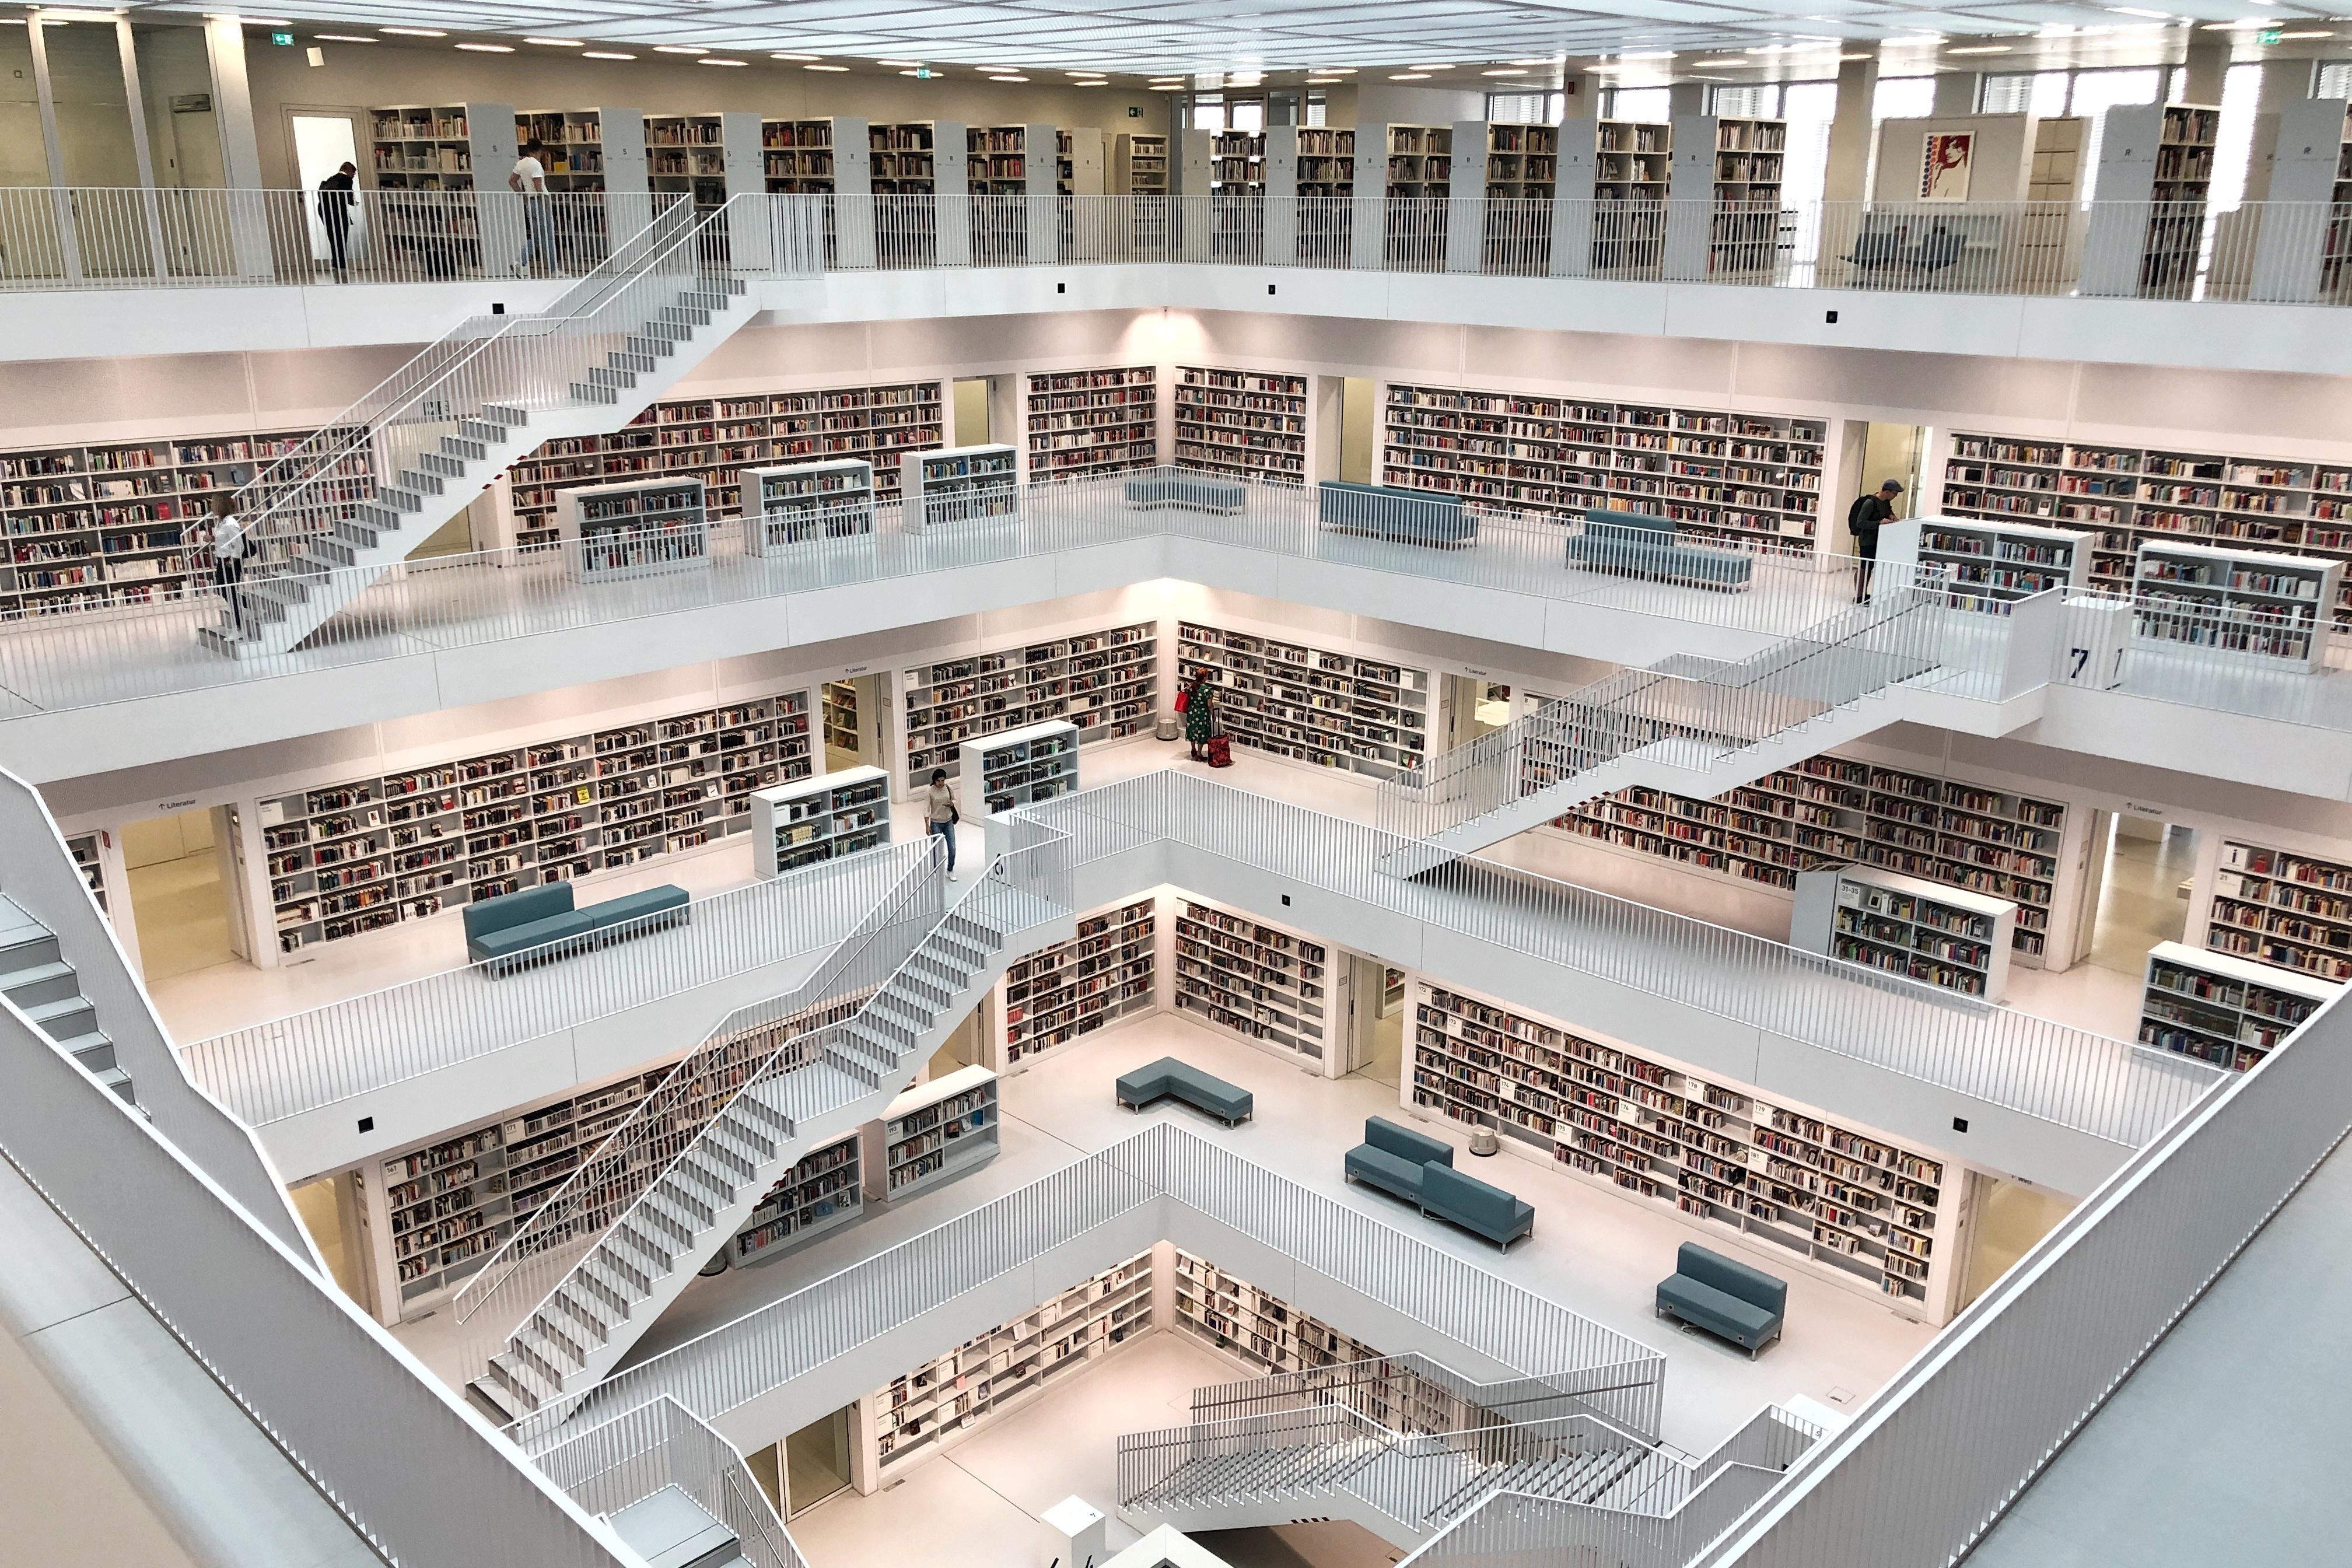 bibliothek3.jpg